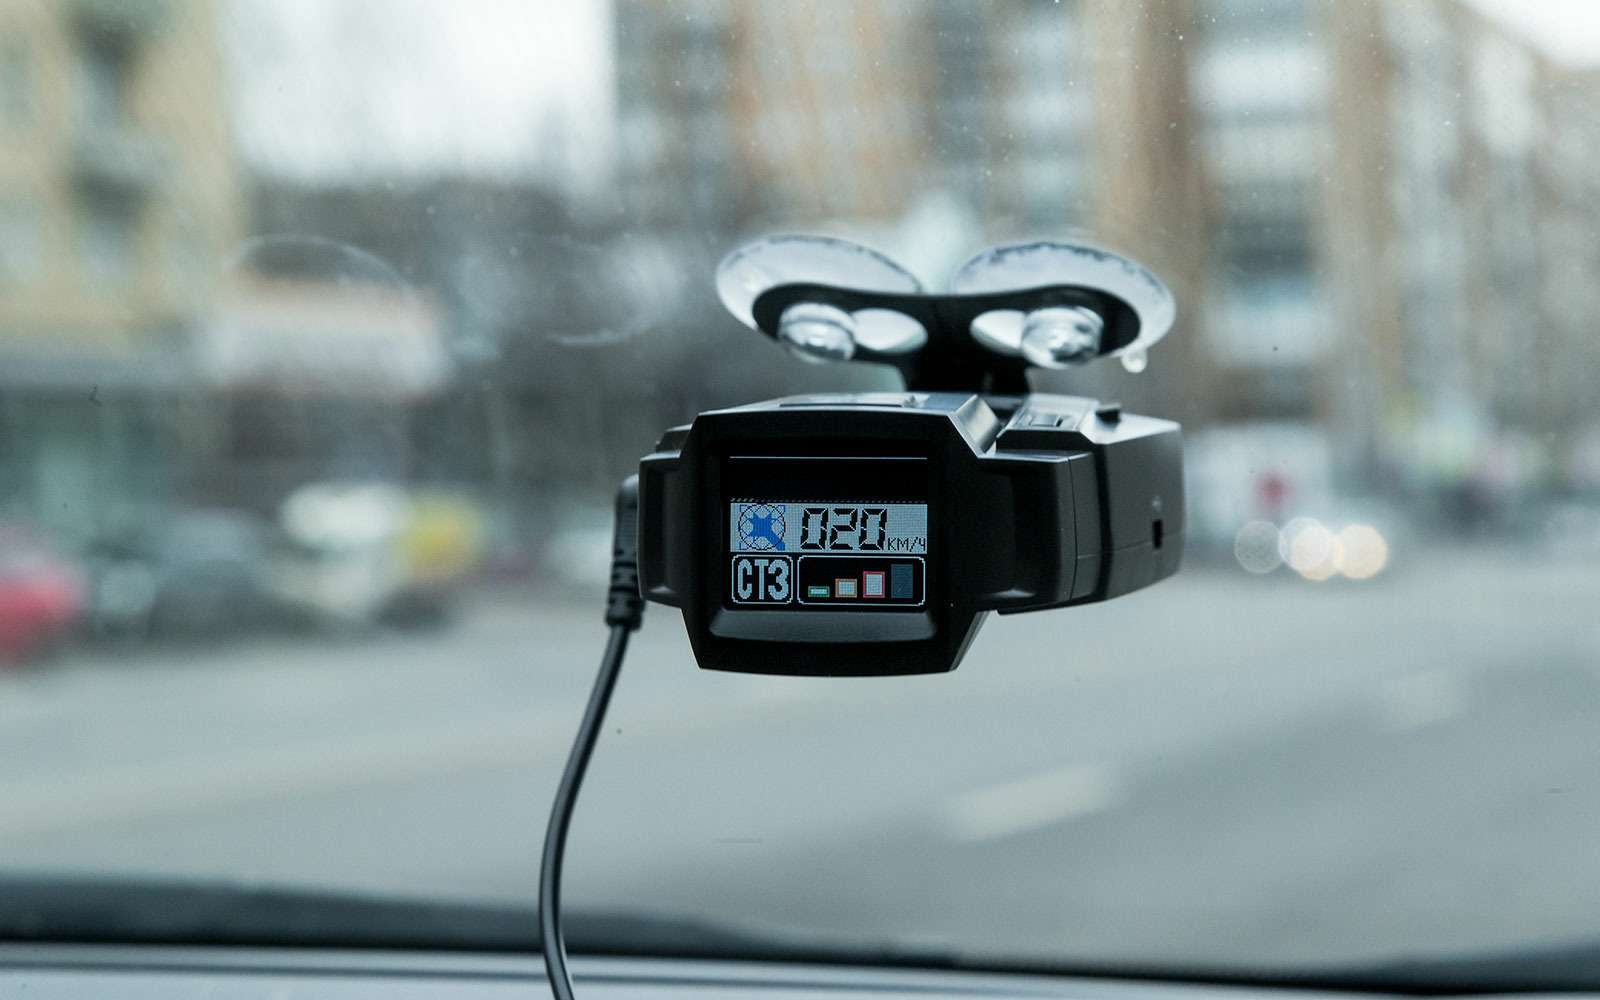 Смартфон, зонт ипрочие орудия убийства ввашем автомобиле— фото 775279